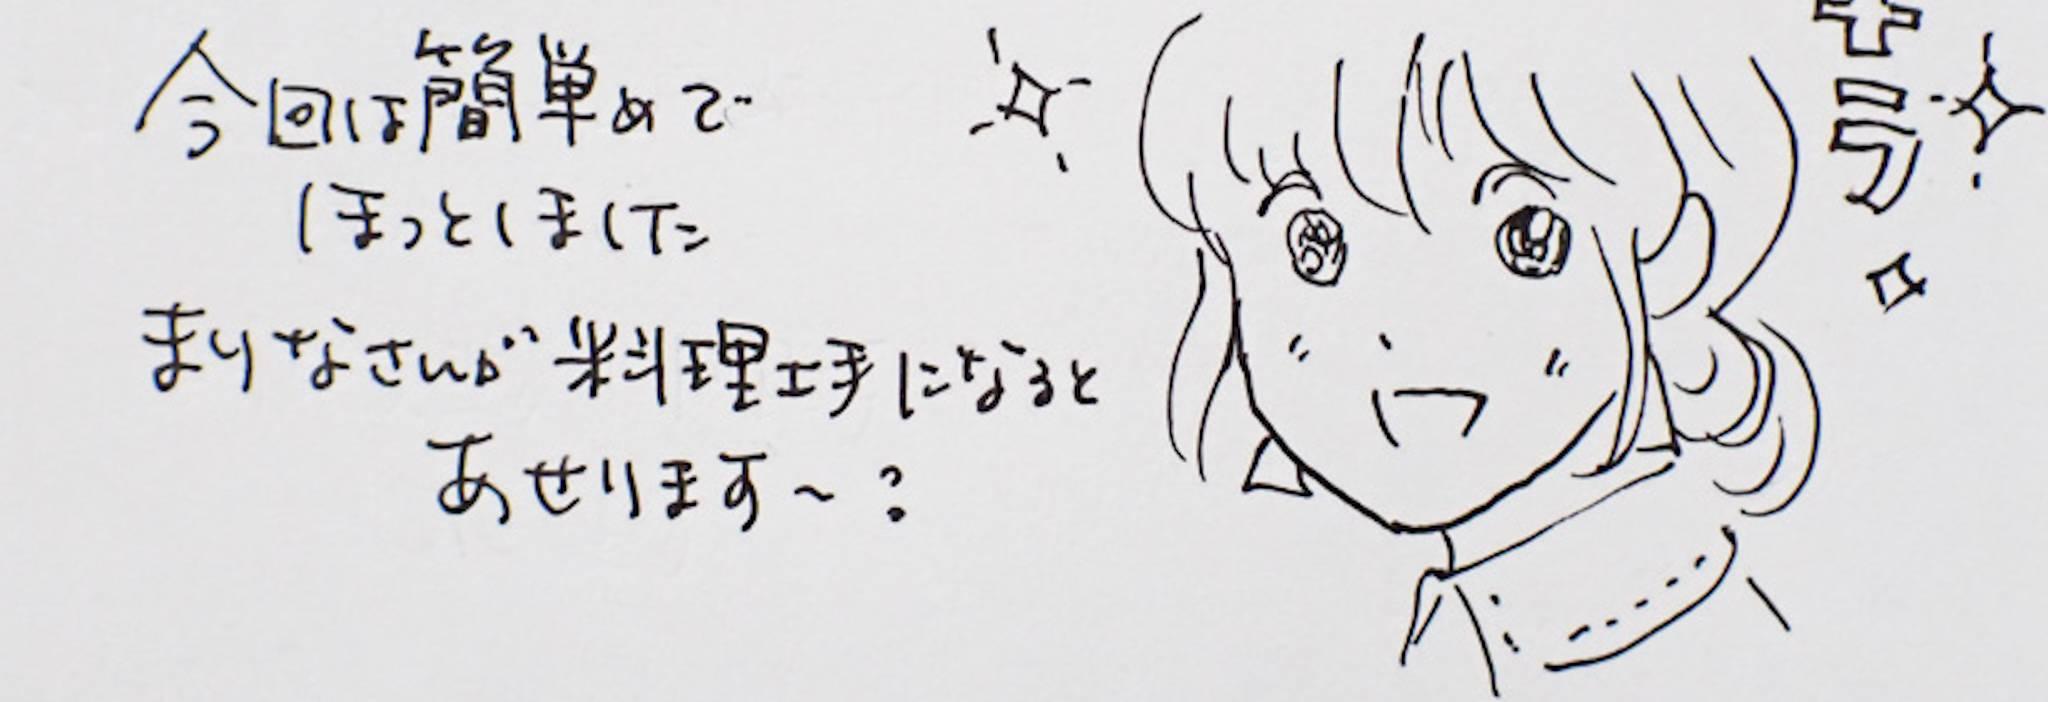 中井様より40号ご感想(匿名希望)